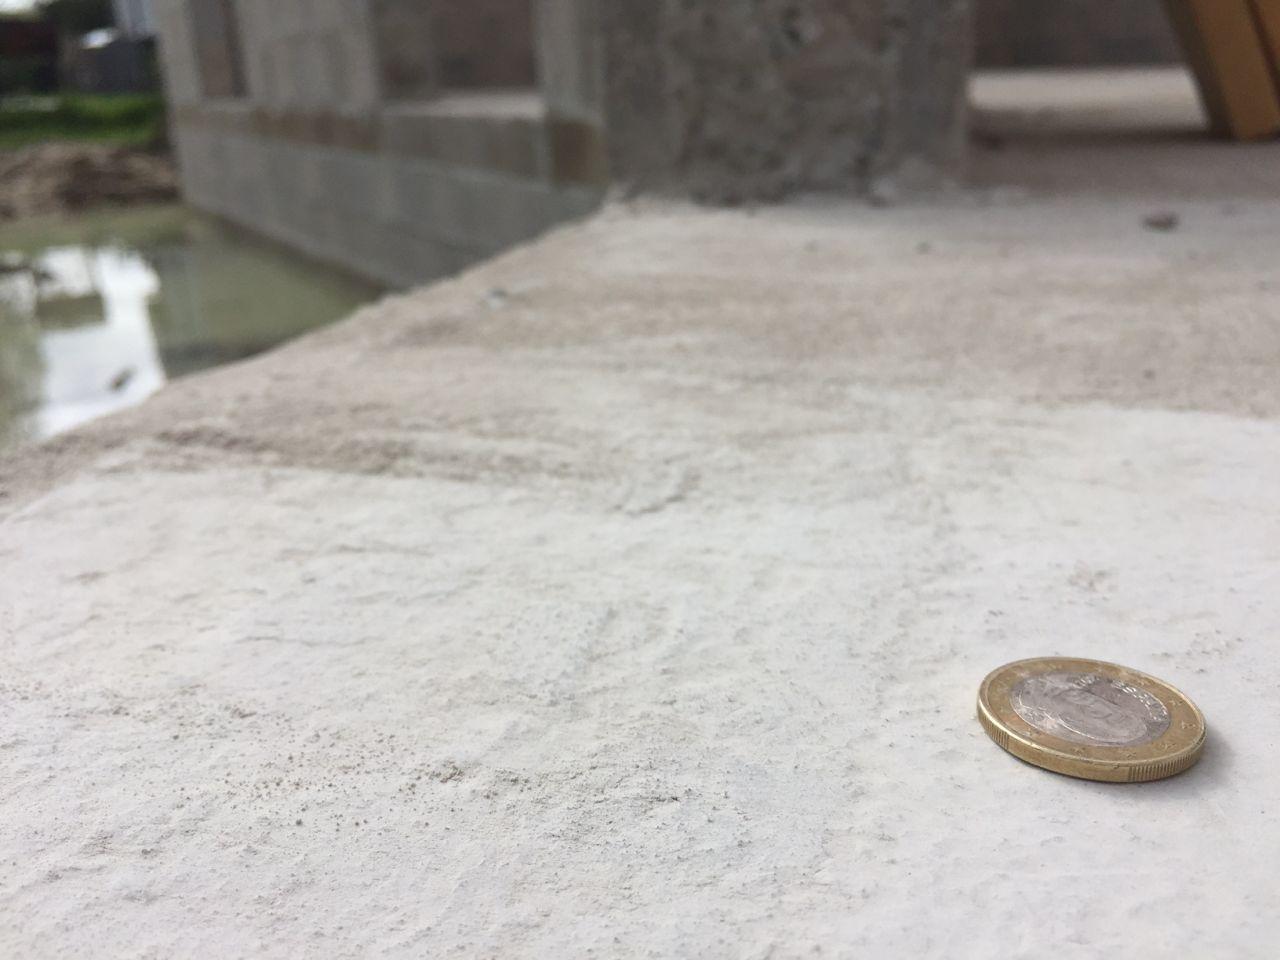 Photo du NOVITHOR (produit anti termite et accessoirement rupture de capillarité selon Maisons pascal Porteres...), le fabricant ENSYSTEX préconise 4mm d'épaisseur minimum en 2 couches. Pour info une pièce de 1? fait 2,33mm d'épaisseur...